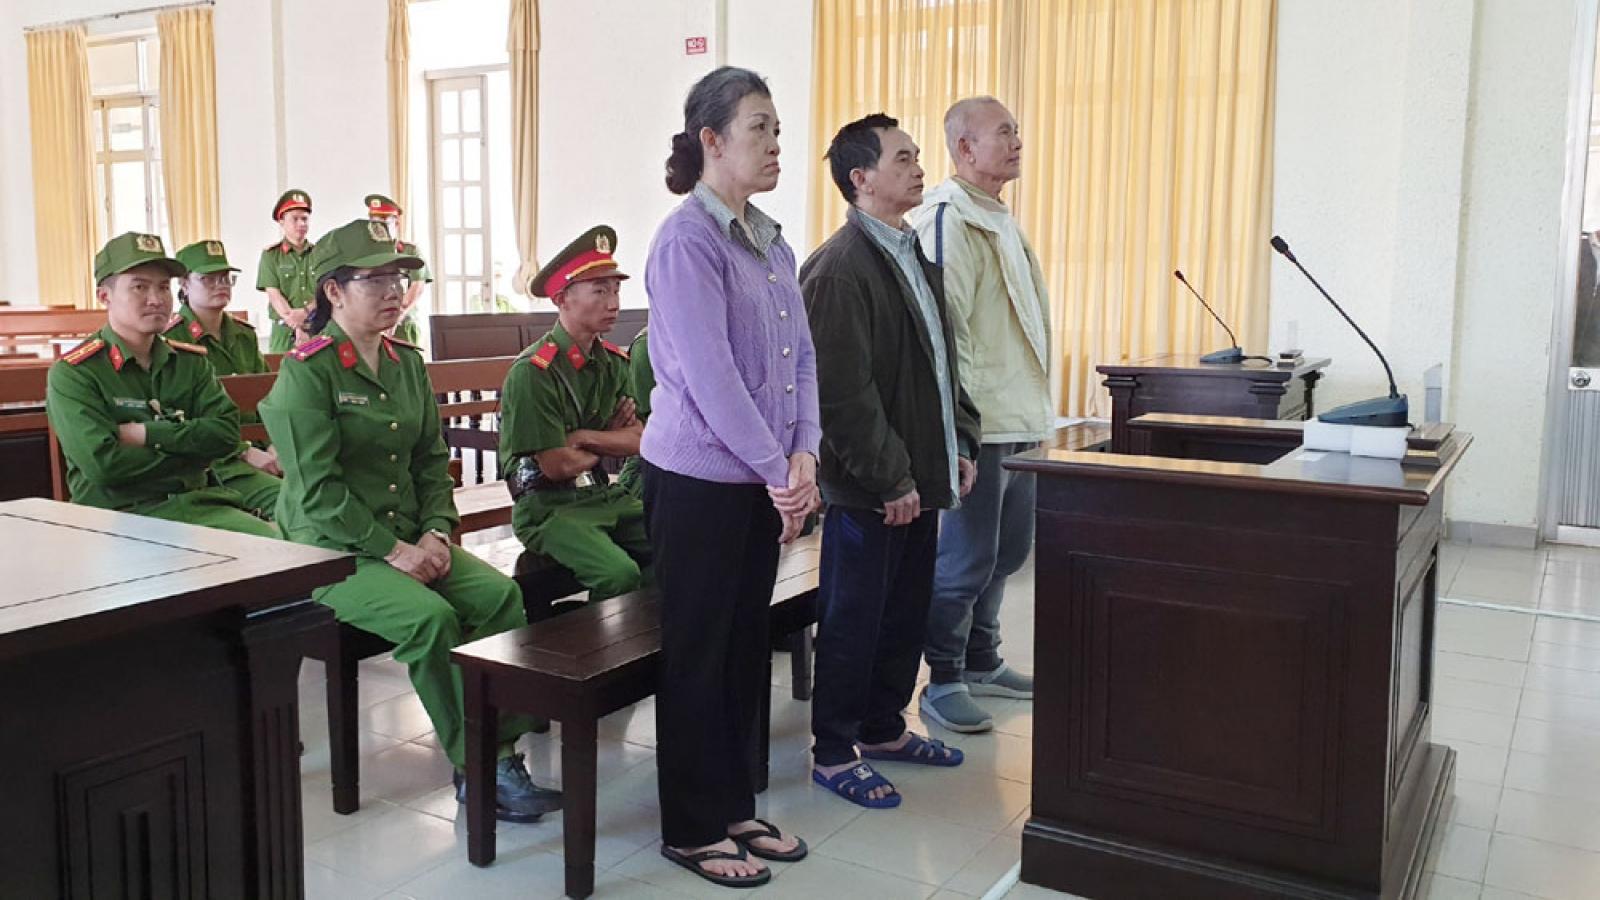 19 năm tù giam cho 3 đối tượng phạm tội lật đổ chính quyền nhân dân